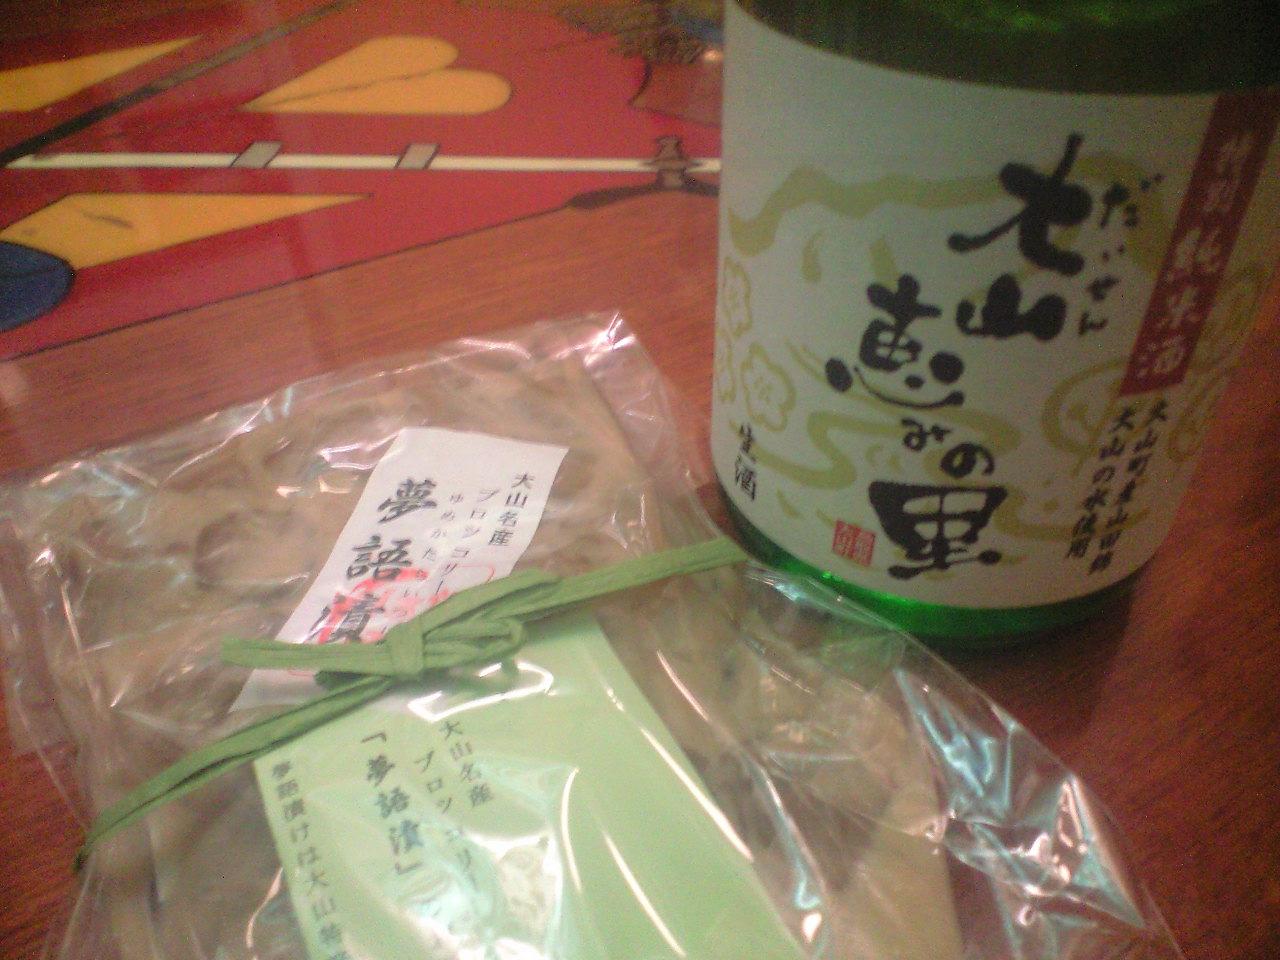 ブロッコリーの茎って食べられますか?